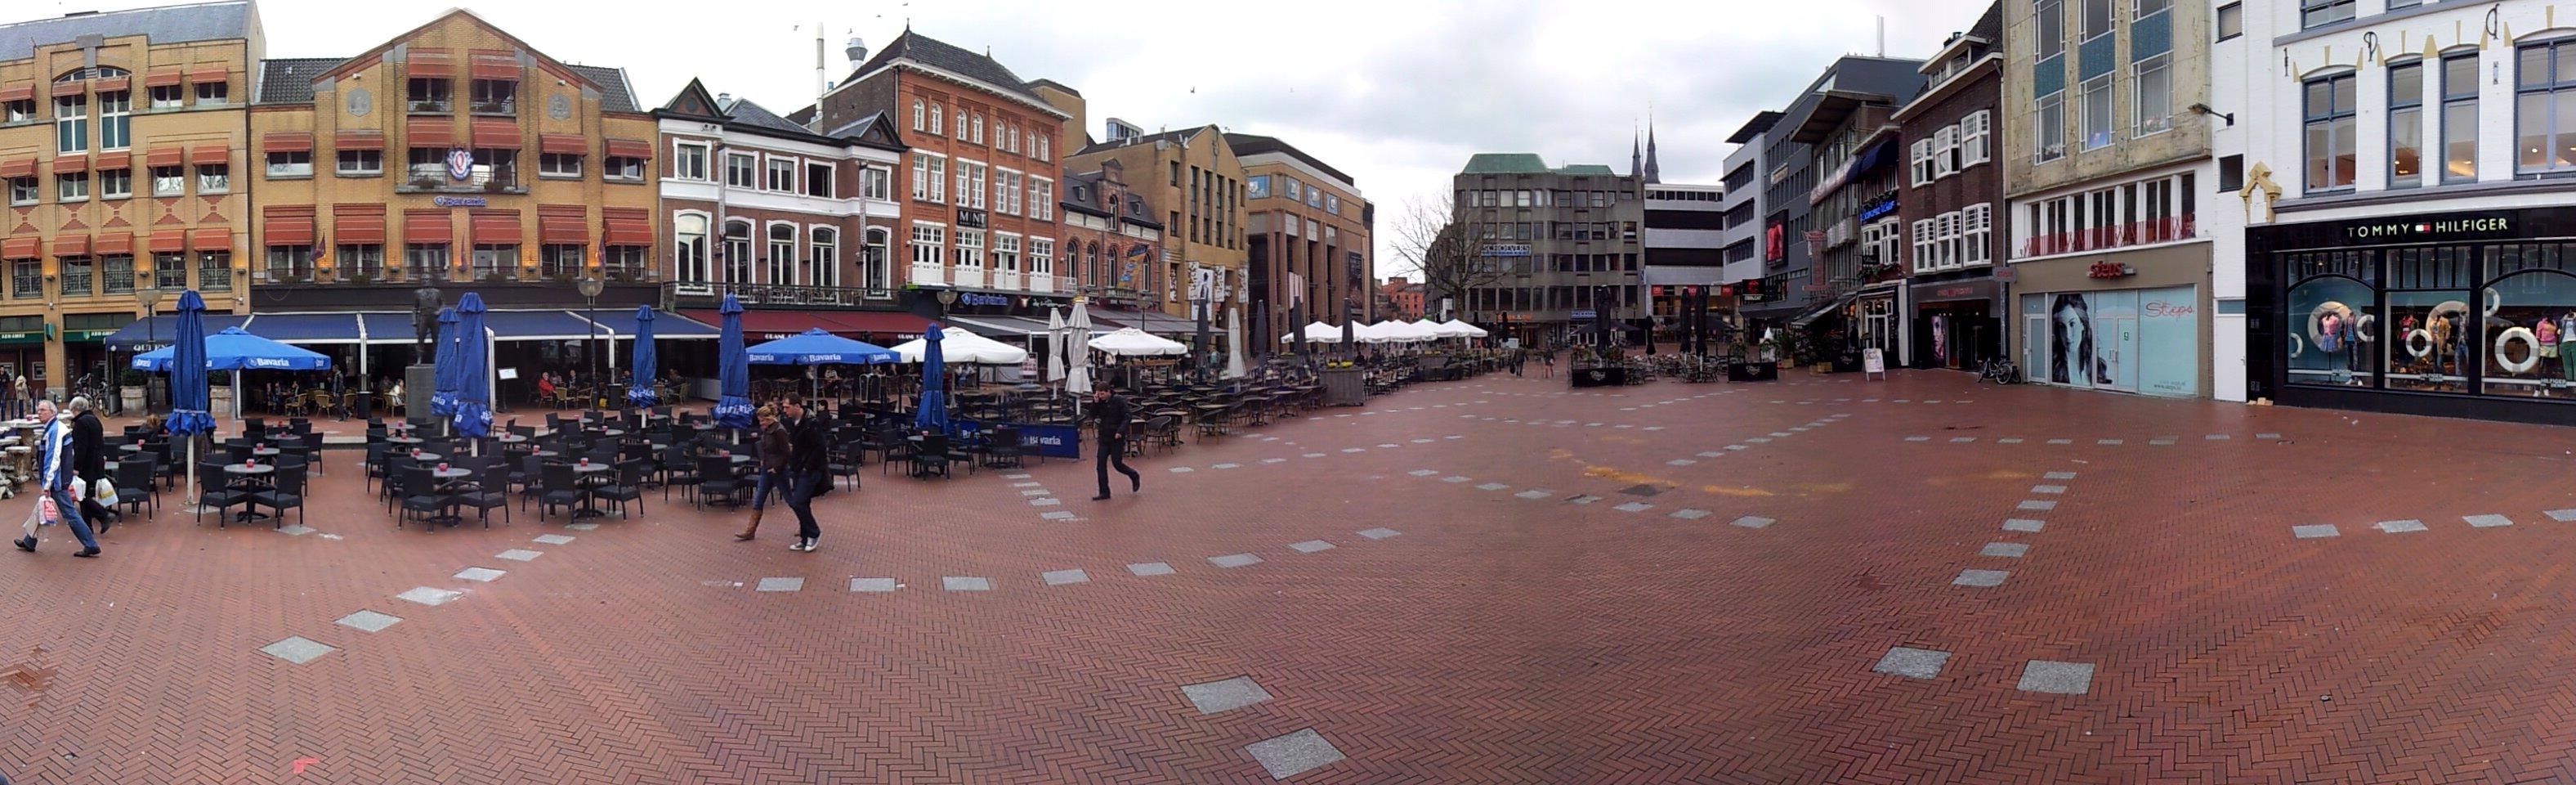 Uitzicht vanaf standbeeld Frits Philips op Markt Eindhoven